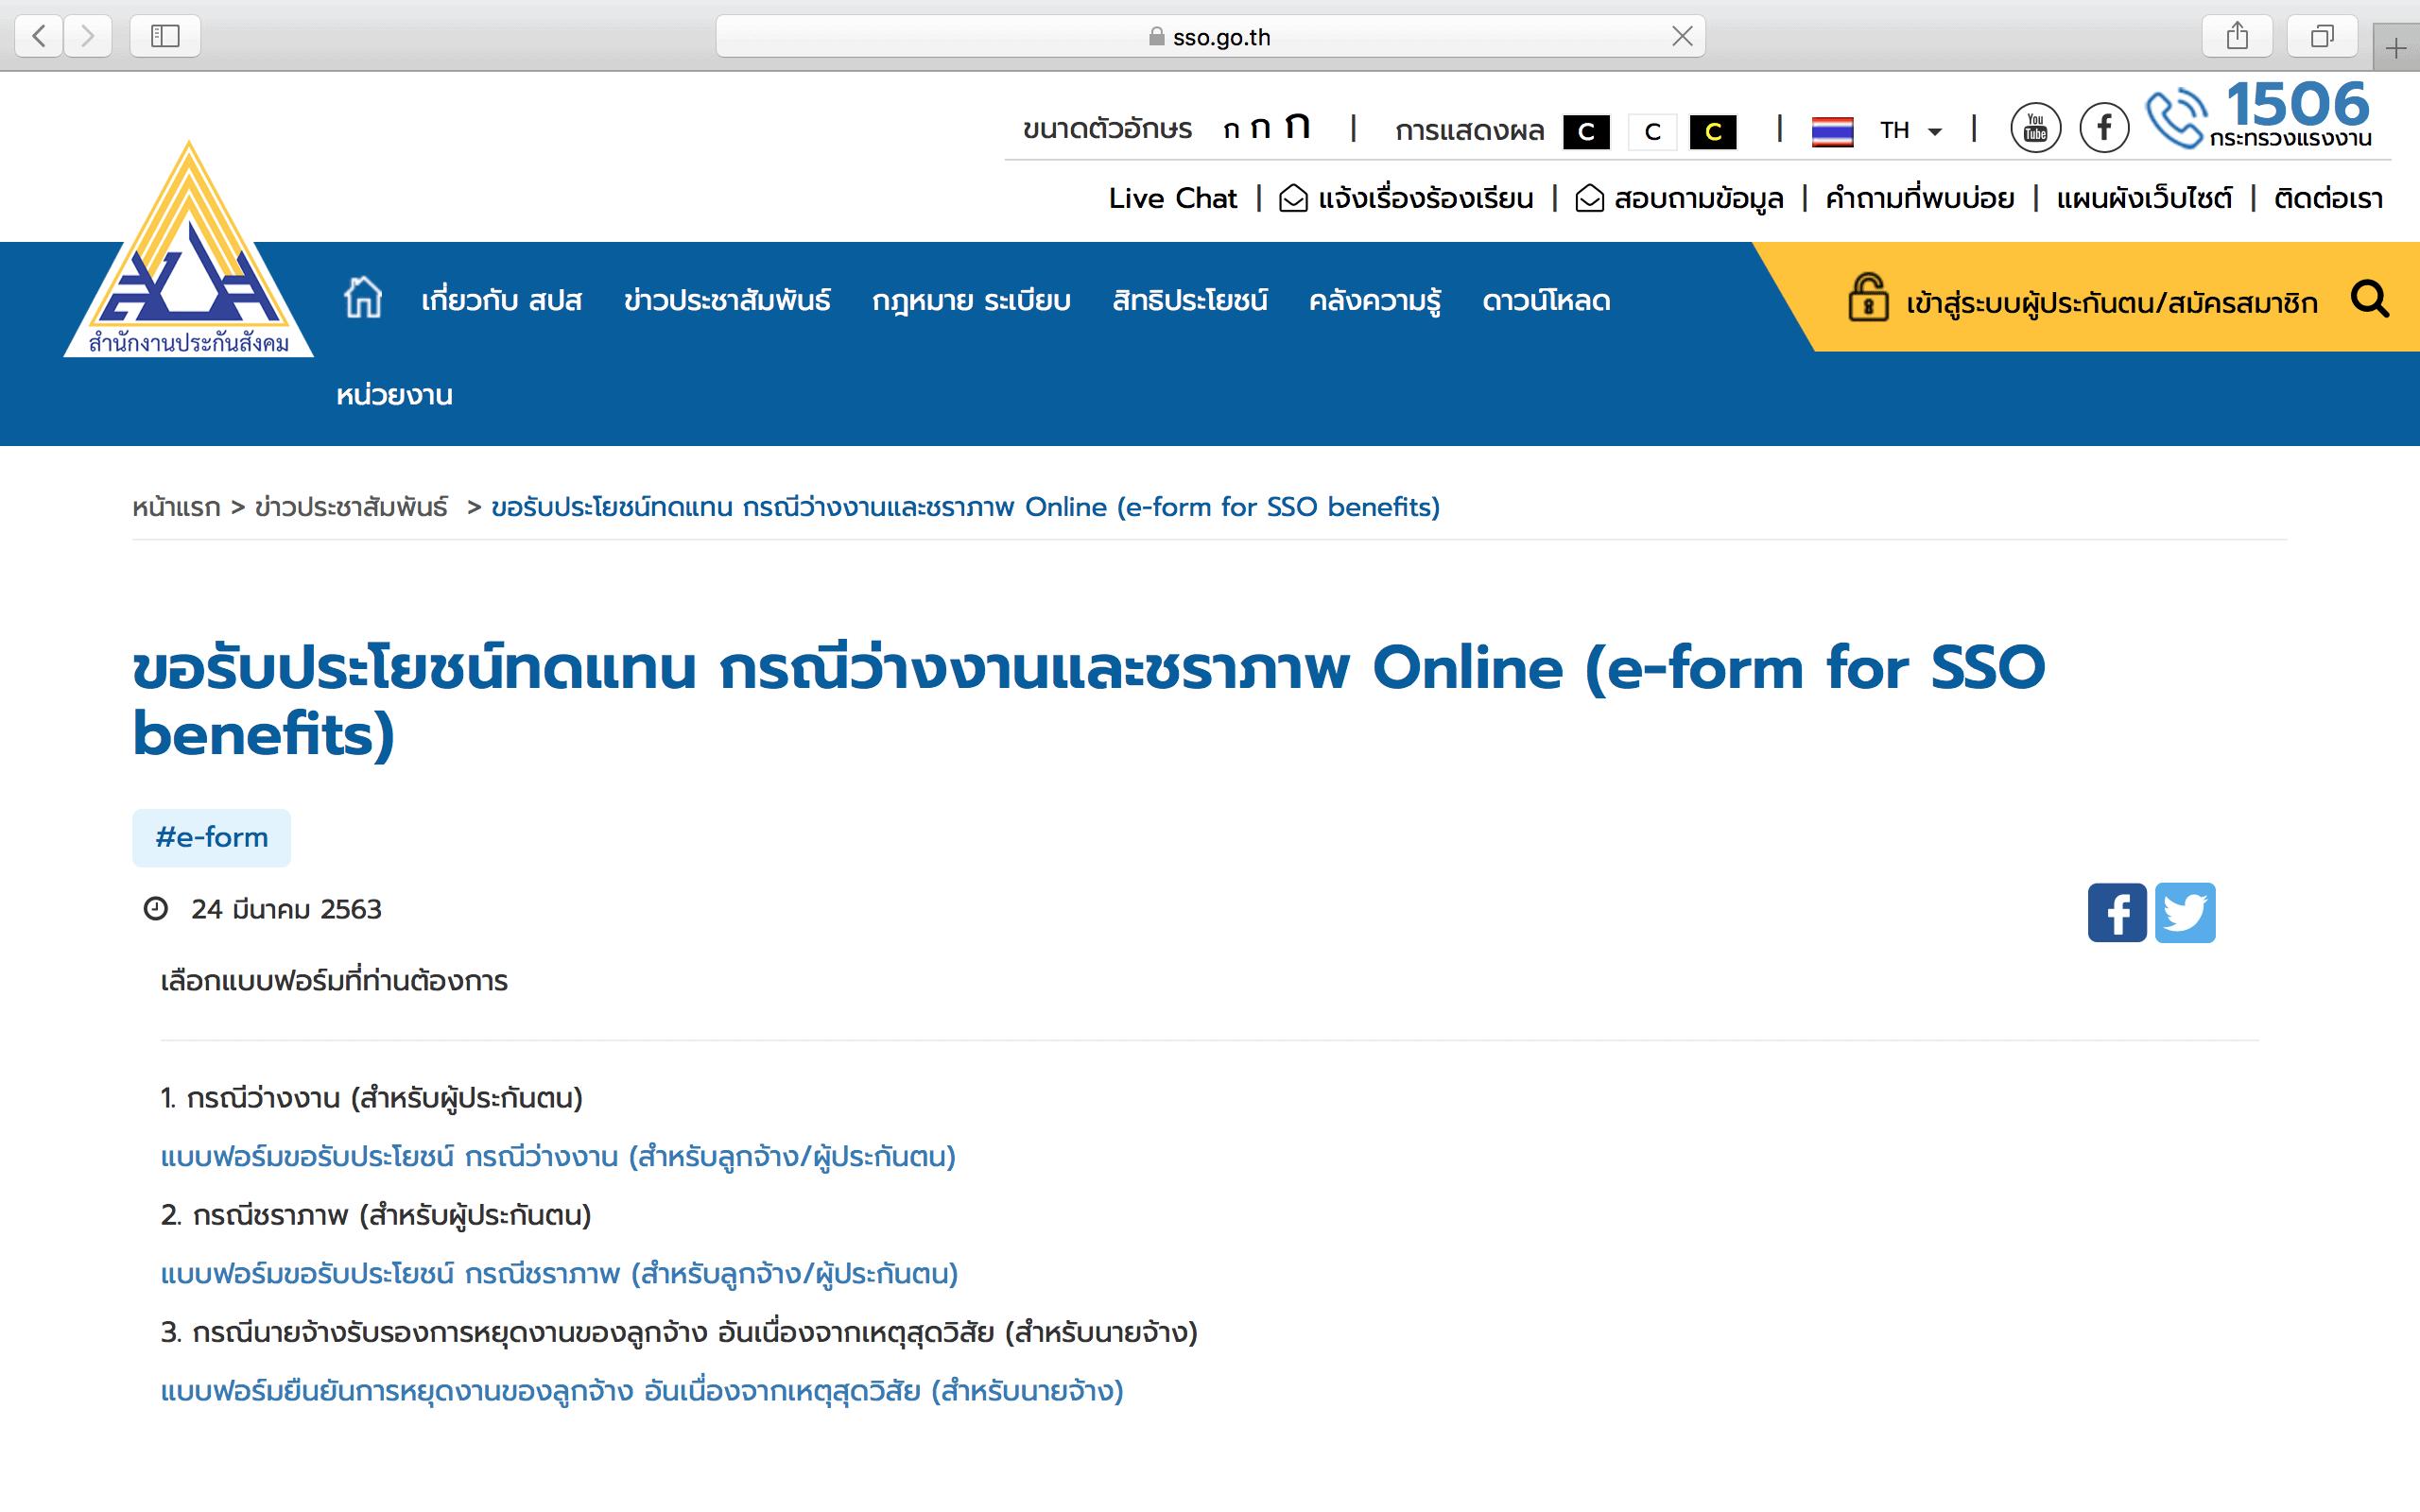 [6 ขั้นตอนลงทะเบียน] ไม่ต้องออกจากบ้าน ลงทะเบียนออนไลน์ ผู้ประกันตนมาตรา 33 ขอรับประโยชน์ทดแทนกรณีว่างงาน